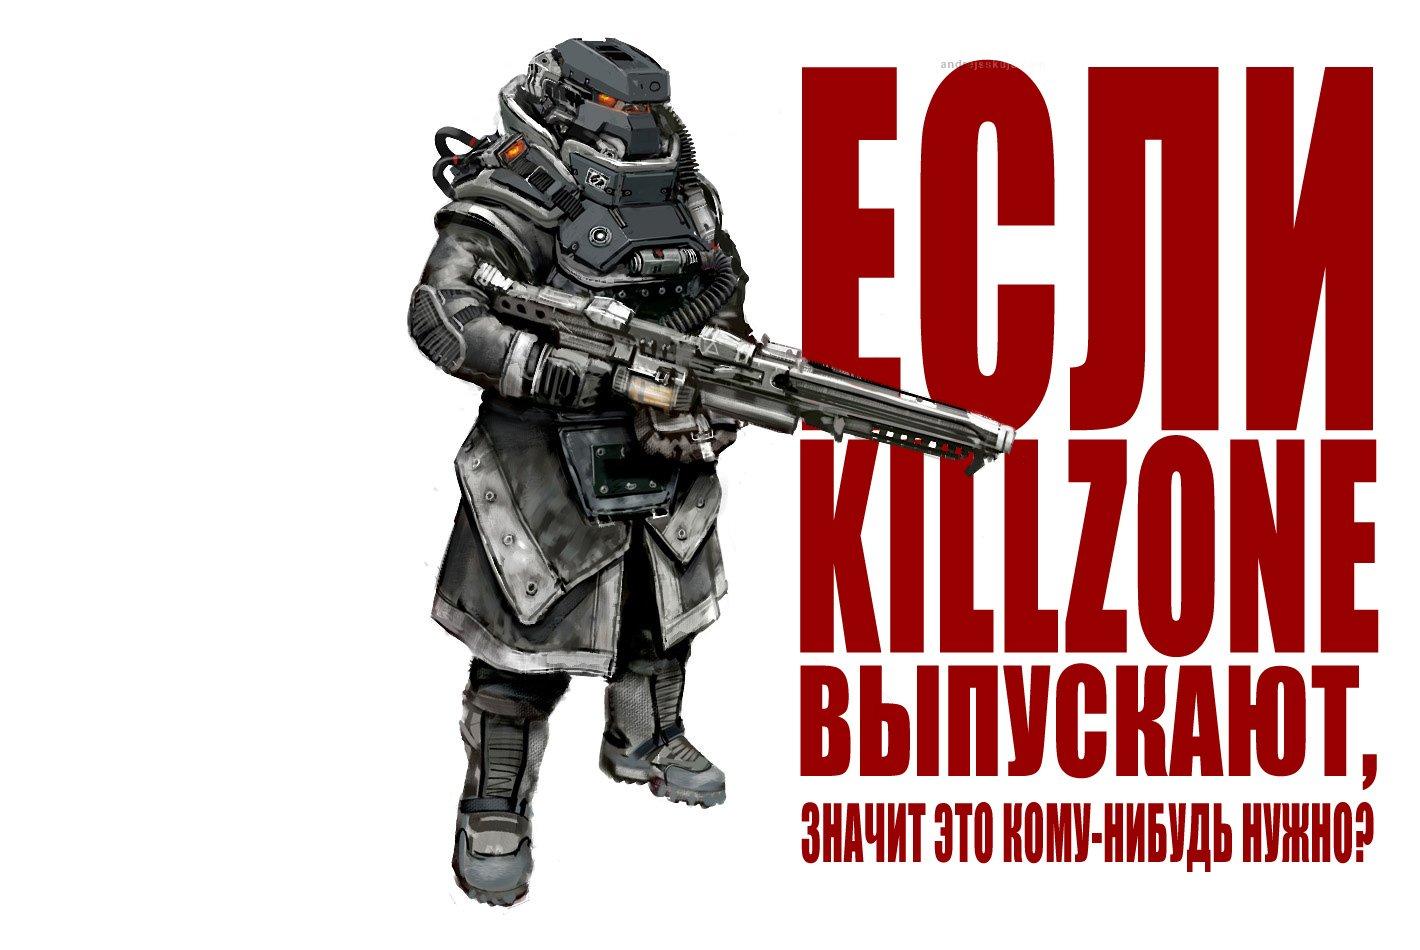 Если Killzone выпускают, значит это кому-нибудь нужно? - Изображение 1